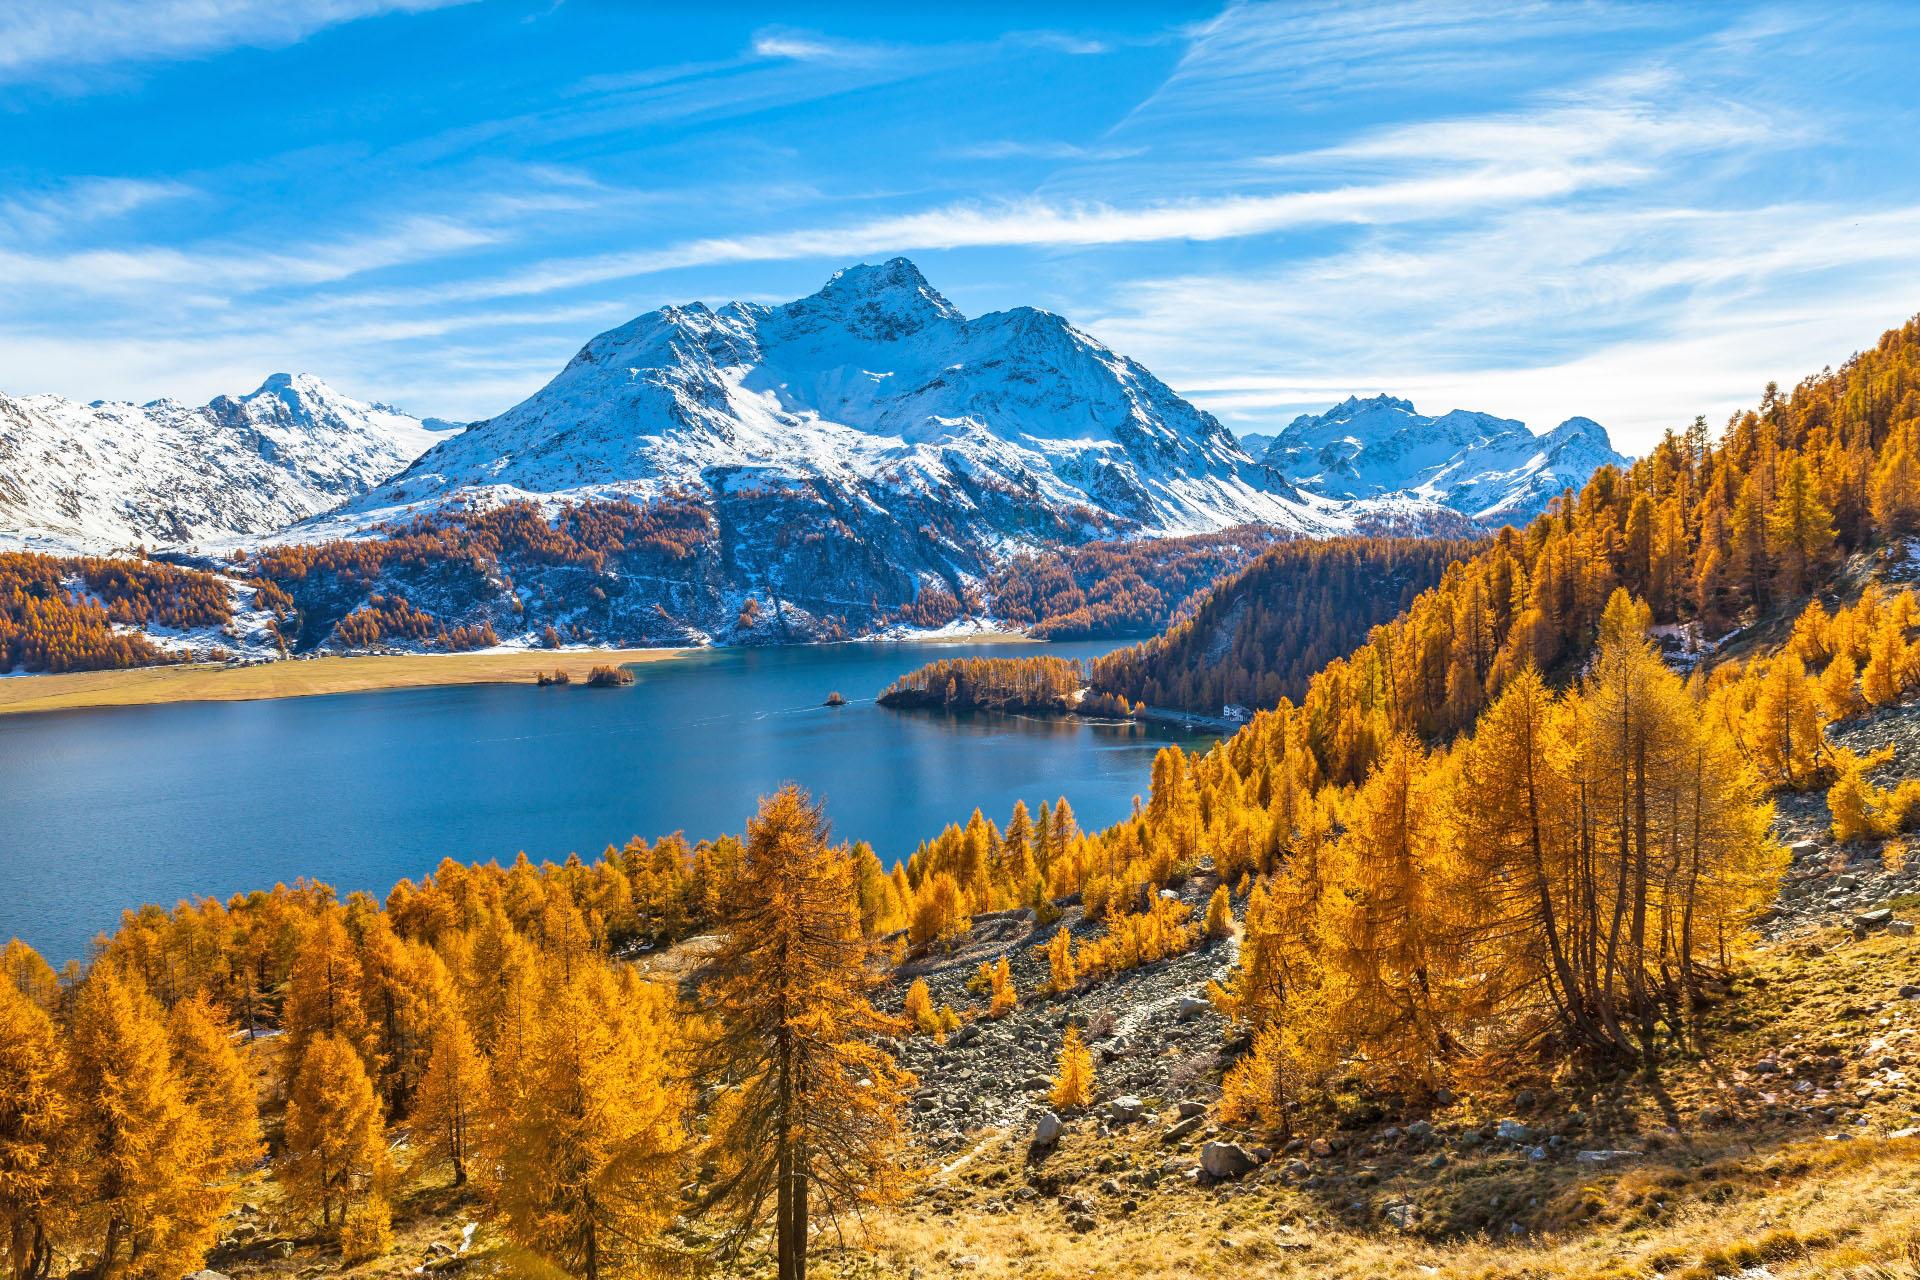 秋のシルス湖とスイスアルプス・ベルニナの山並み スイスの風景